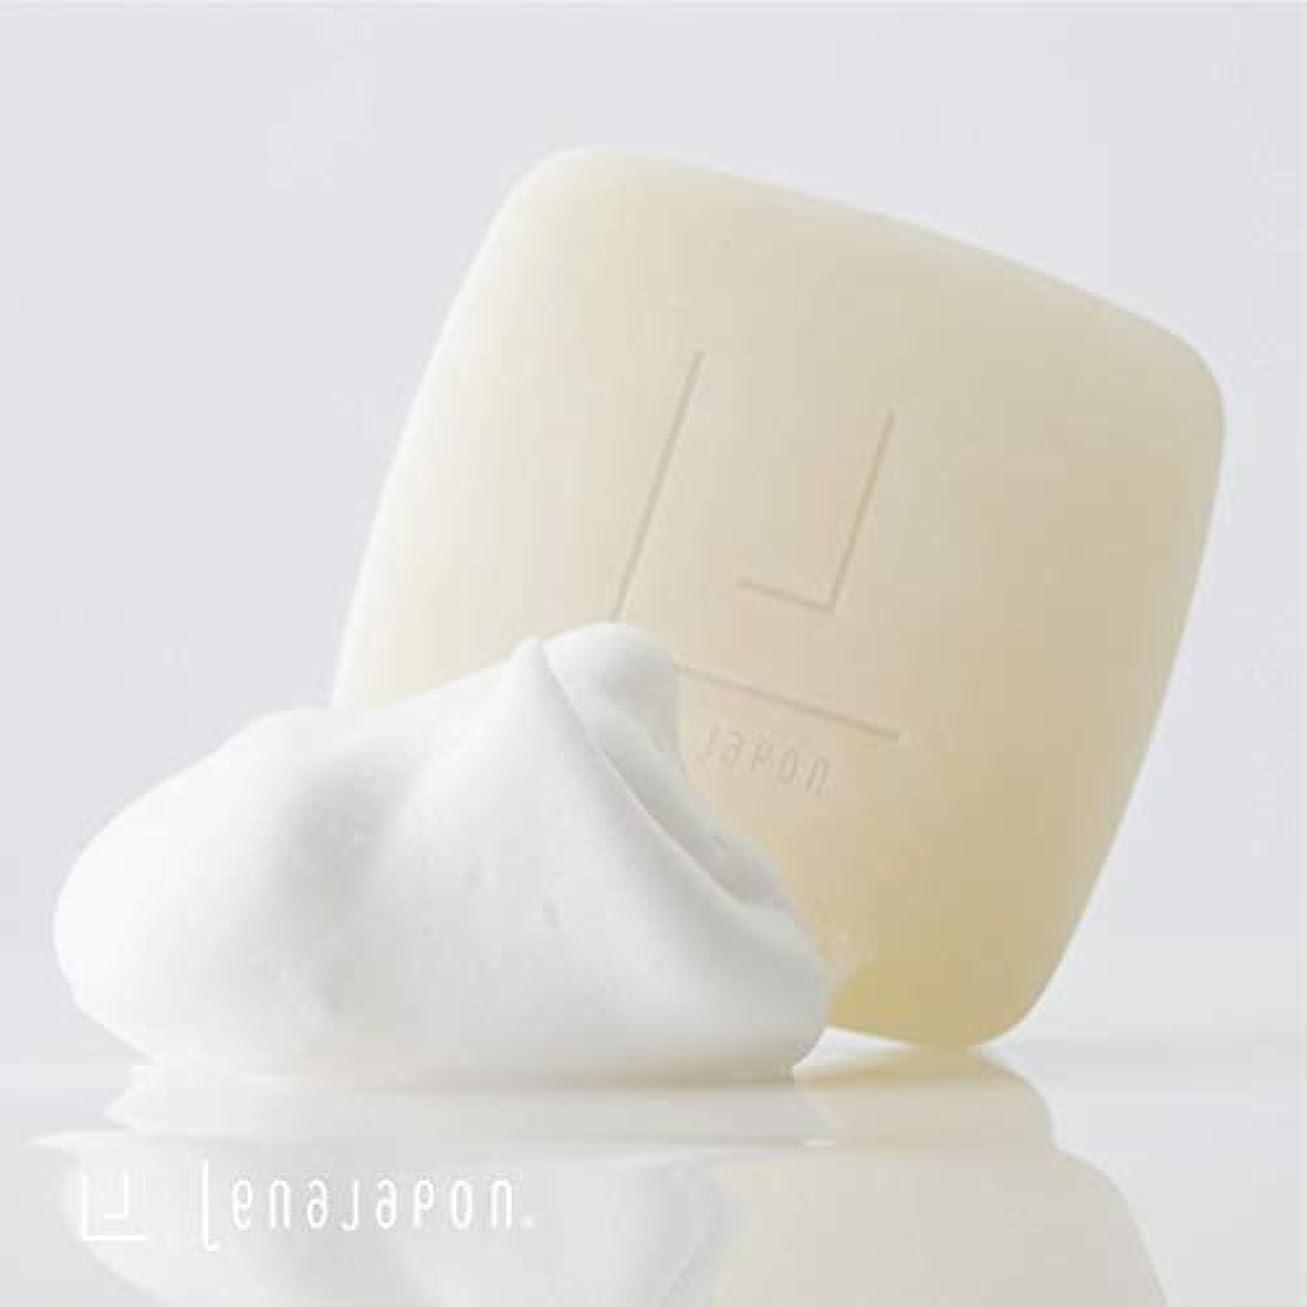 省略ペチコートモールレナジャポン〈洗顔石鹸〉LJ モイストバー / LENAJAPON 〈rich foaming face soap〉 LJ MOIST BAR